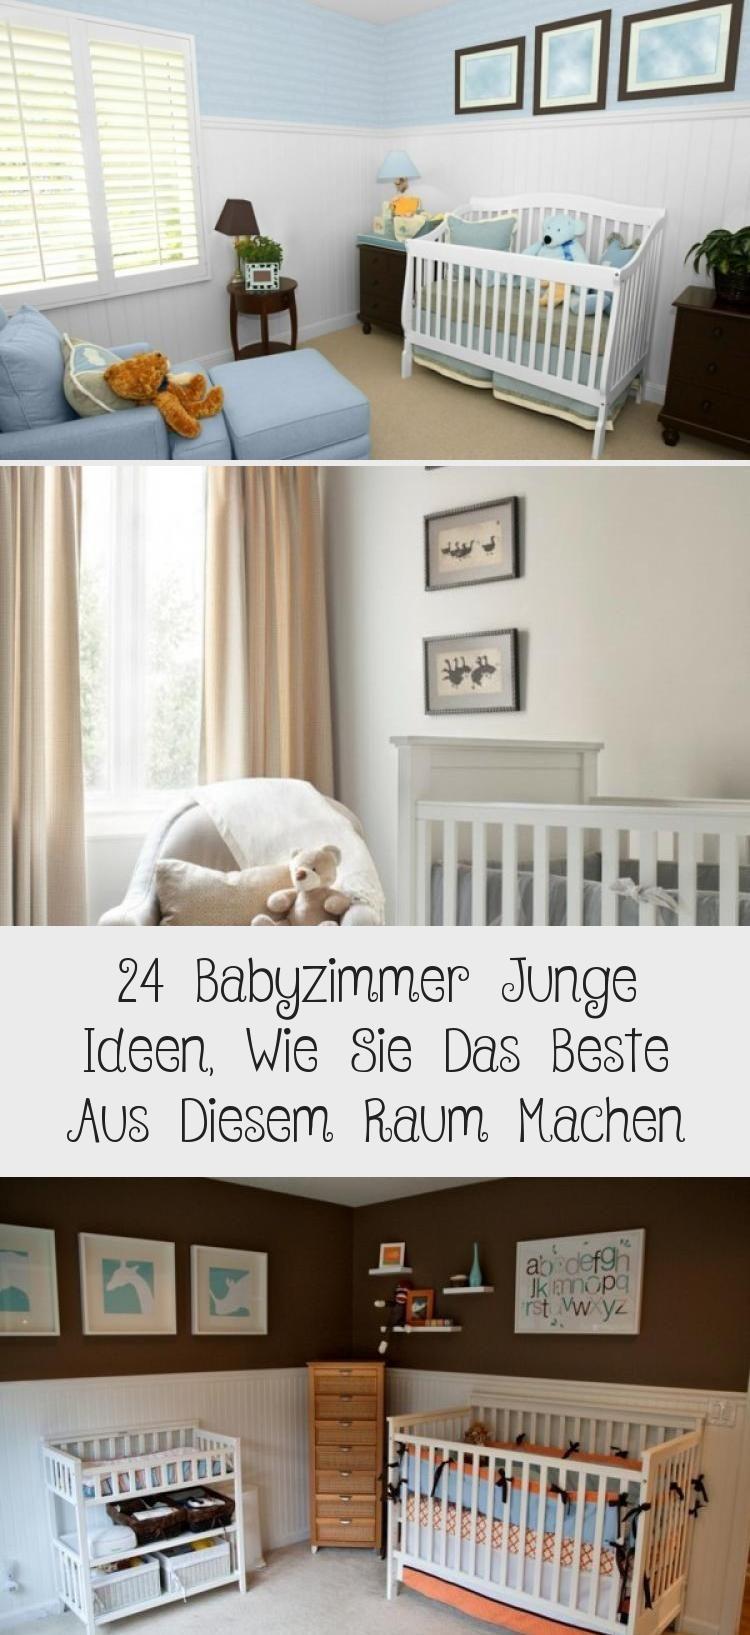 24 Babyzimmer Junge Ideen Wie Sie Das Beste Aus Diesem Raum